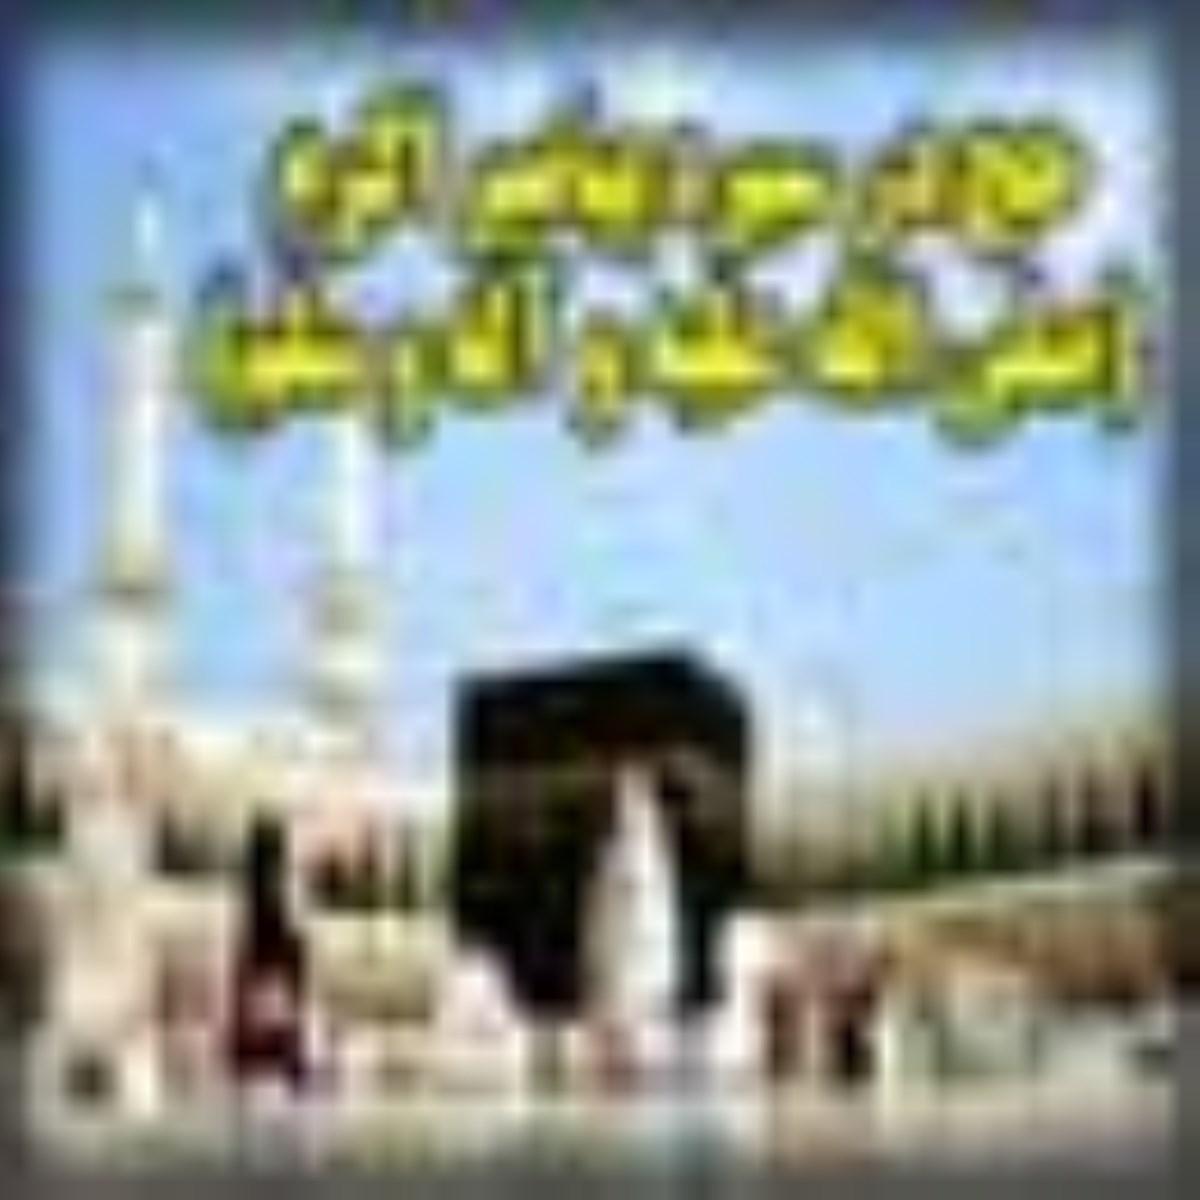 حج در سيره پيامبر اکرم (ص)